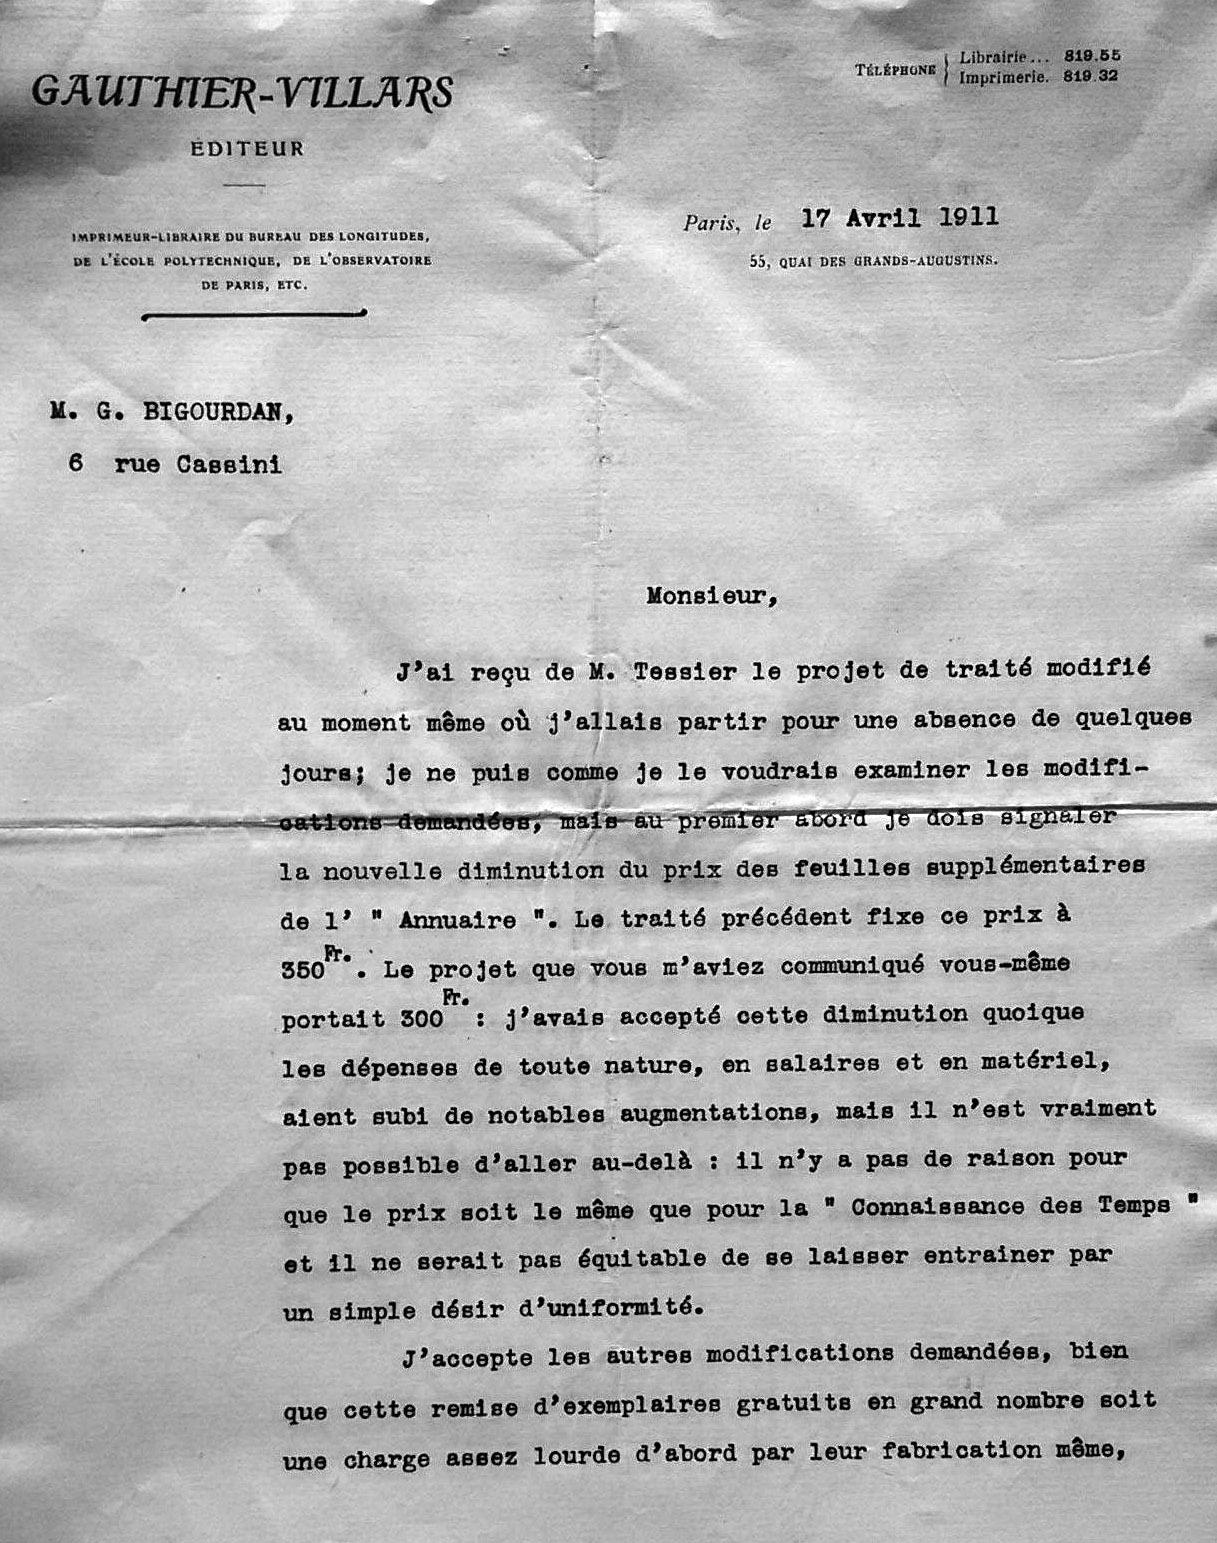 Extrait de l'avenant au contrat de 1911